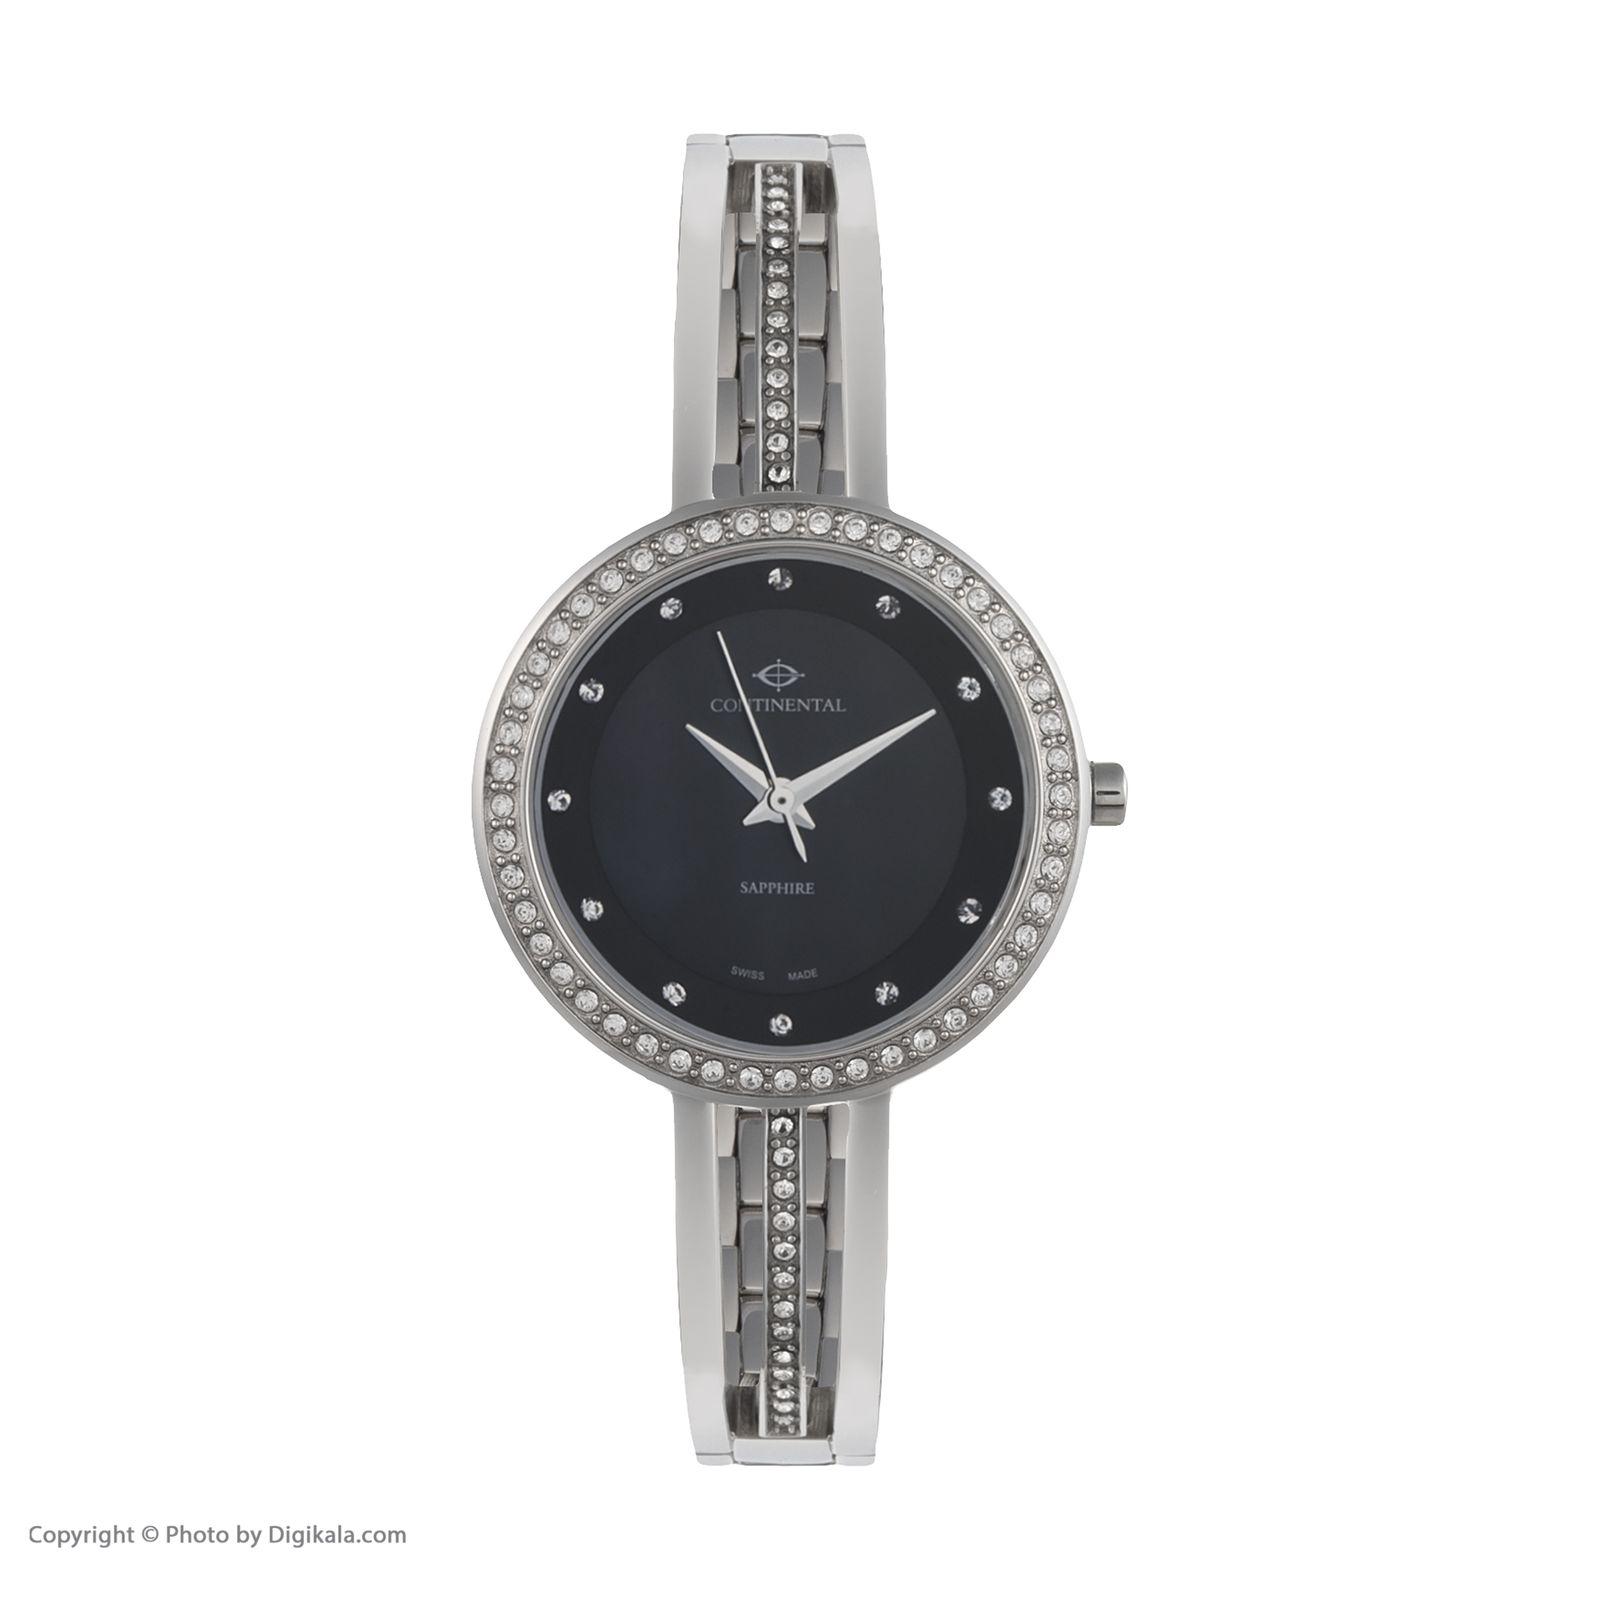 ساعت مچی عقربه ای زنانه کنتیننتال مدل 17002-LT101571 -  - 1